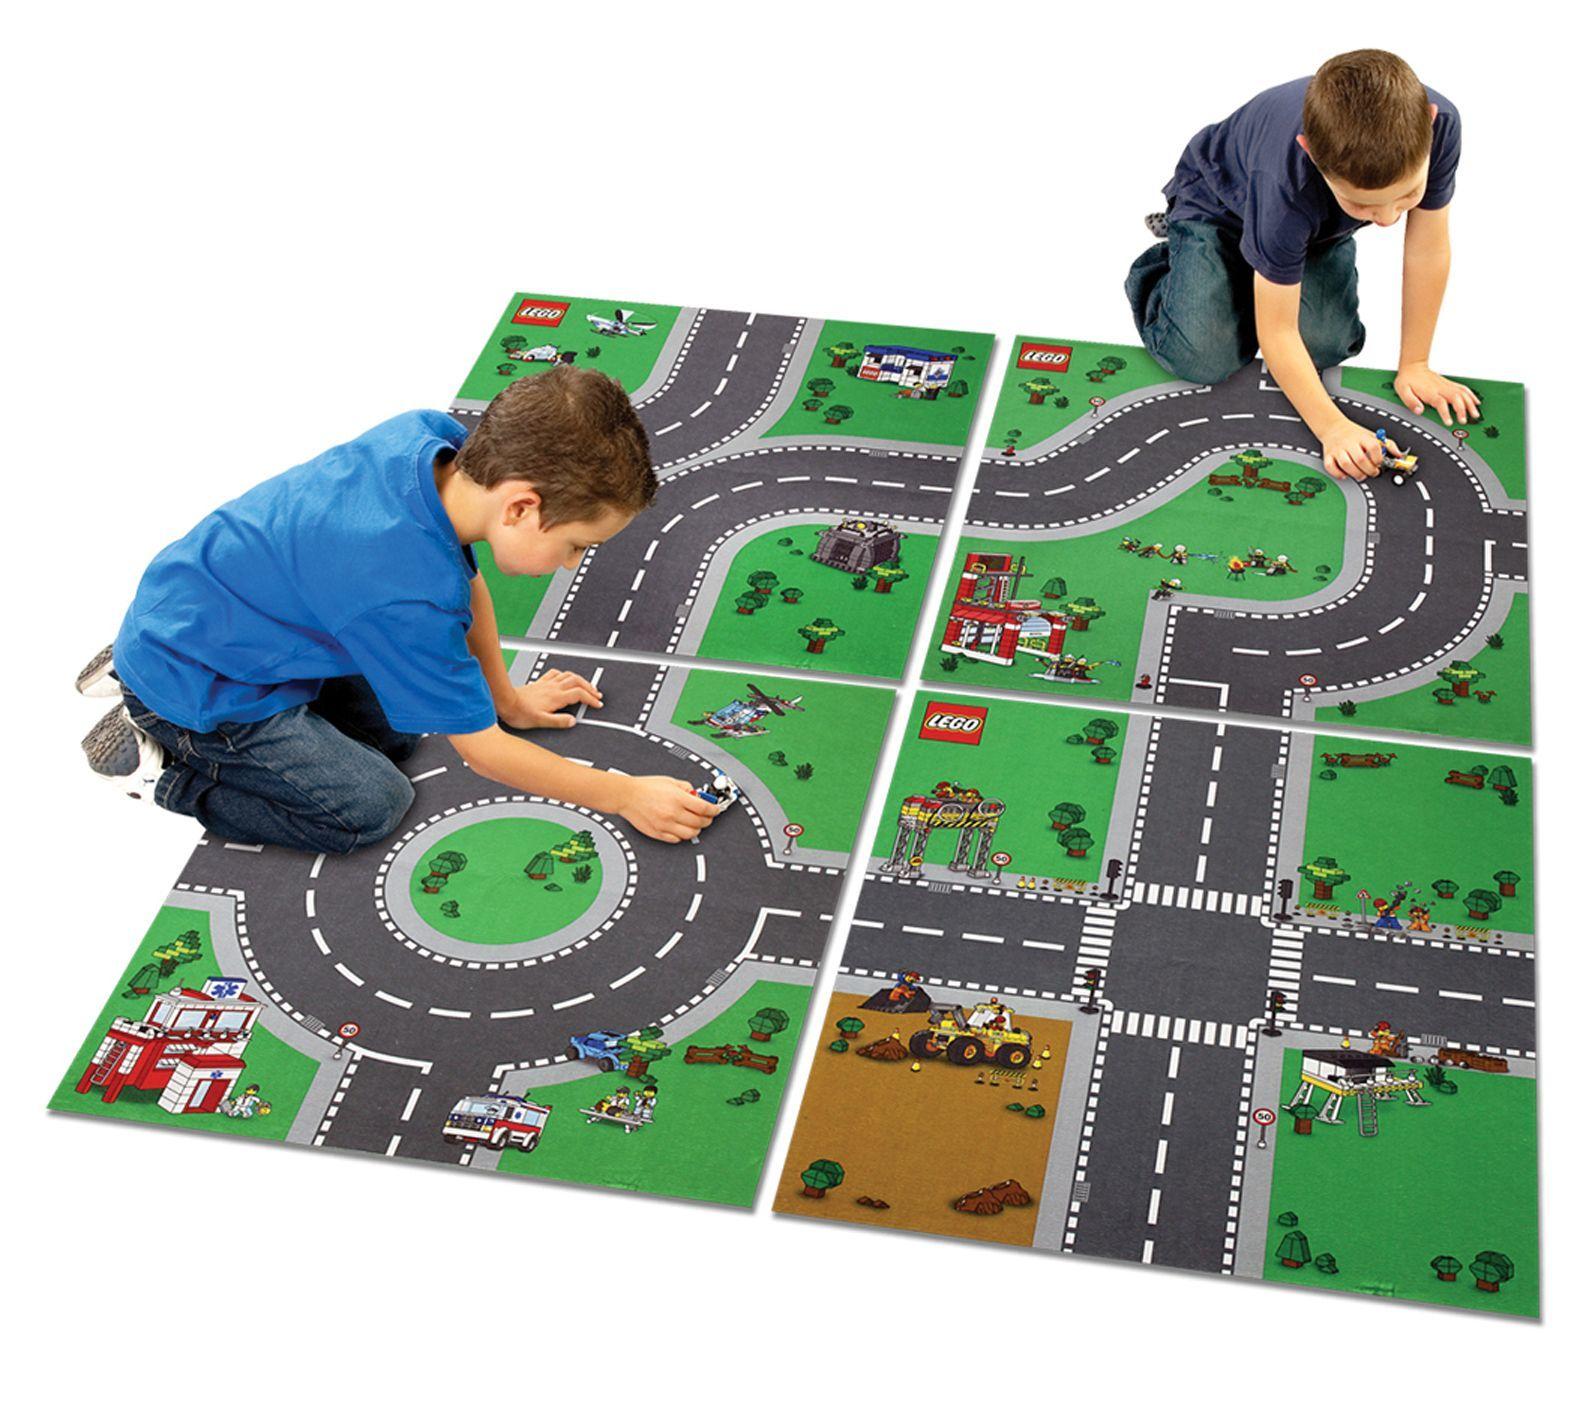 Lego City Playmat 4 Mats We Love Legos Pinterest